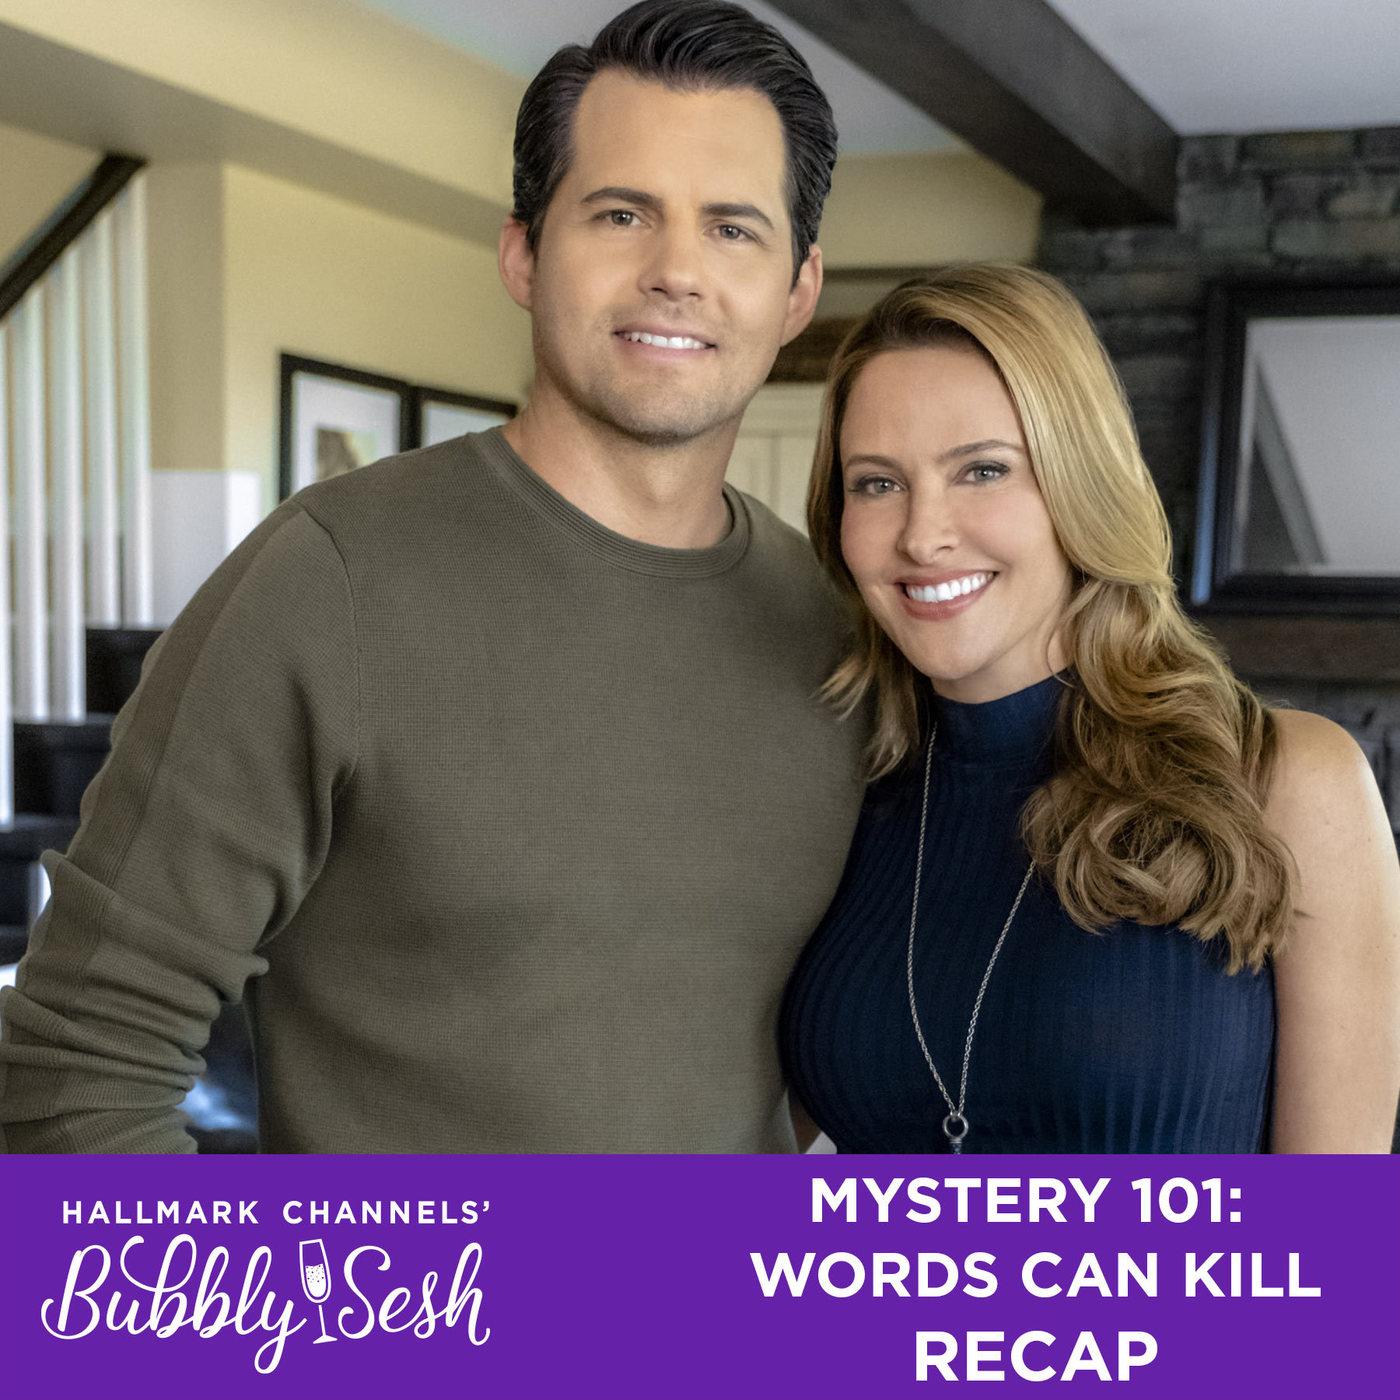 Mystery 101: Words Can Kill Recap